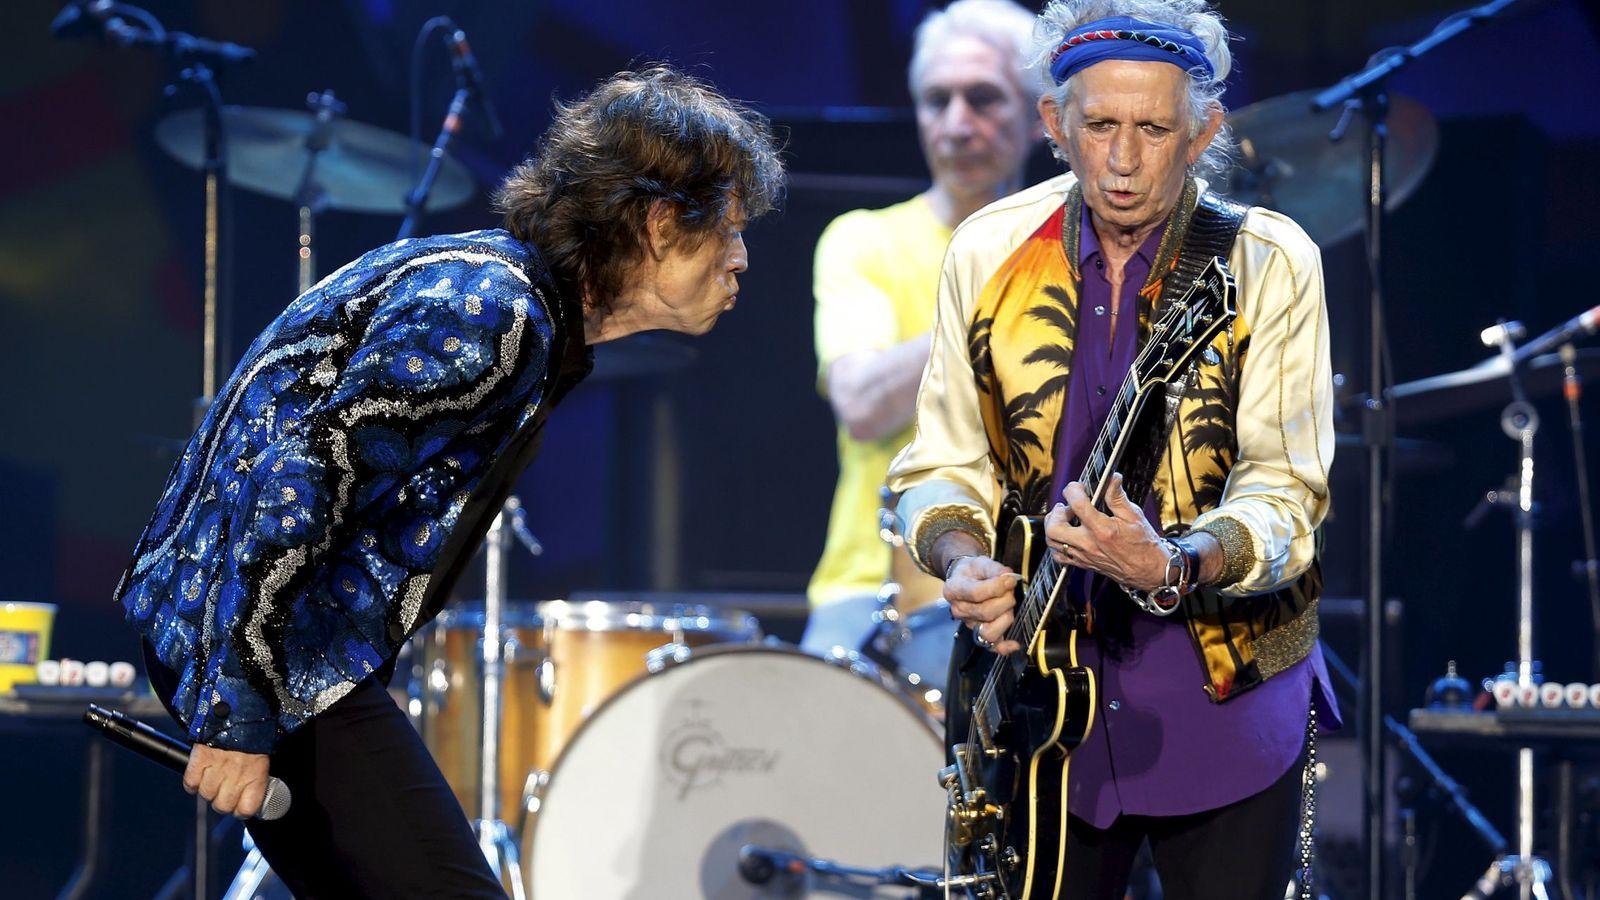 Foto: Los Rolling Stones en su último concierto el pasado febrero en Sao Paulo (Brasil)